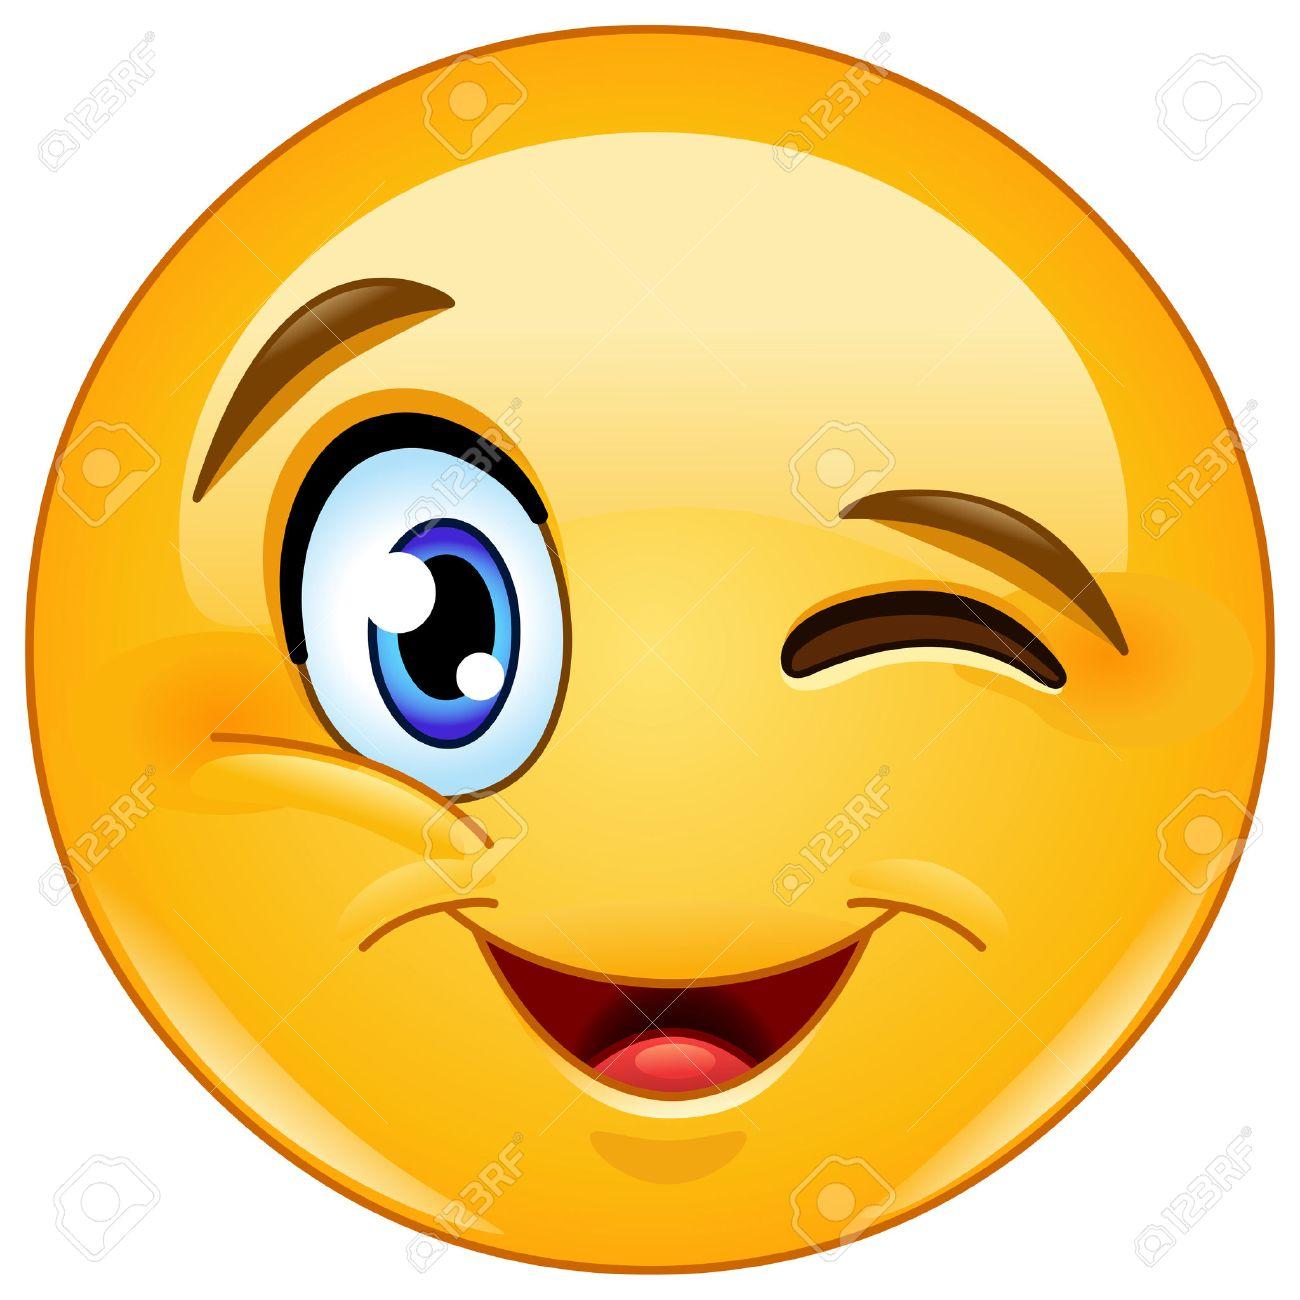 Guiño Y Sonriendo Emoticon Ilustraciones Vectoriales, Clip Art ...